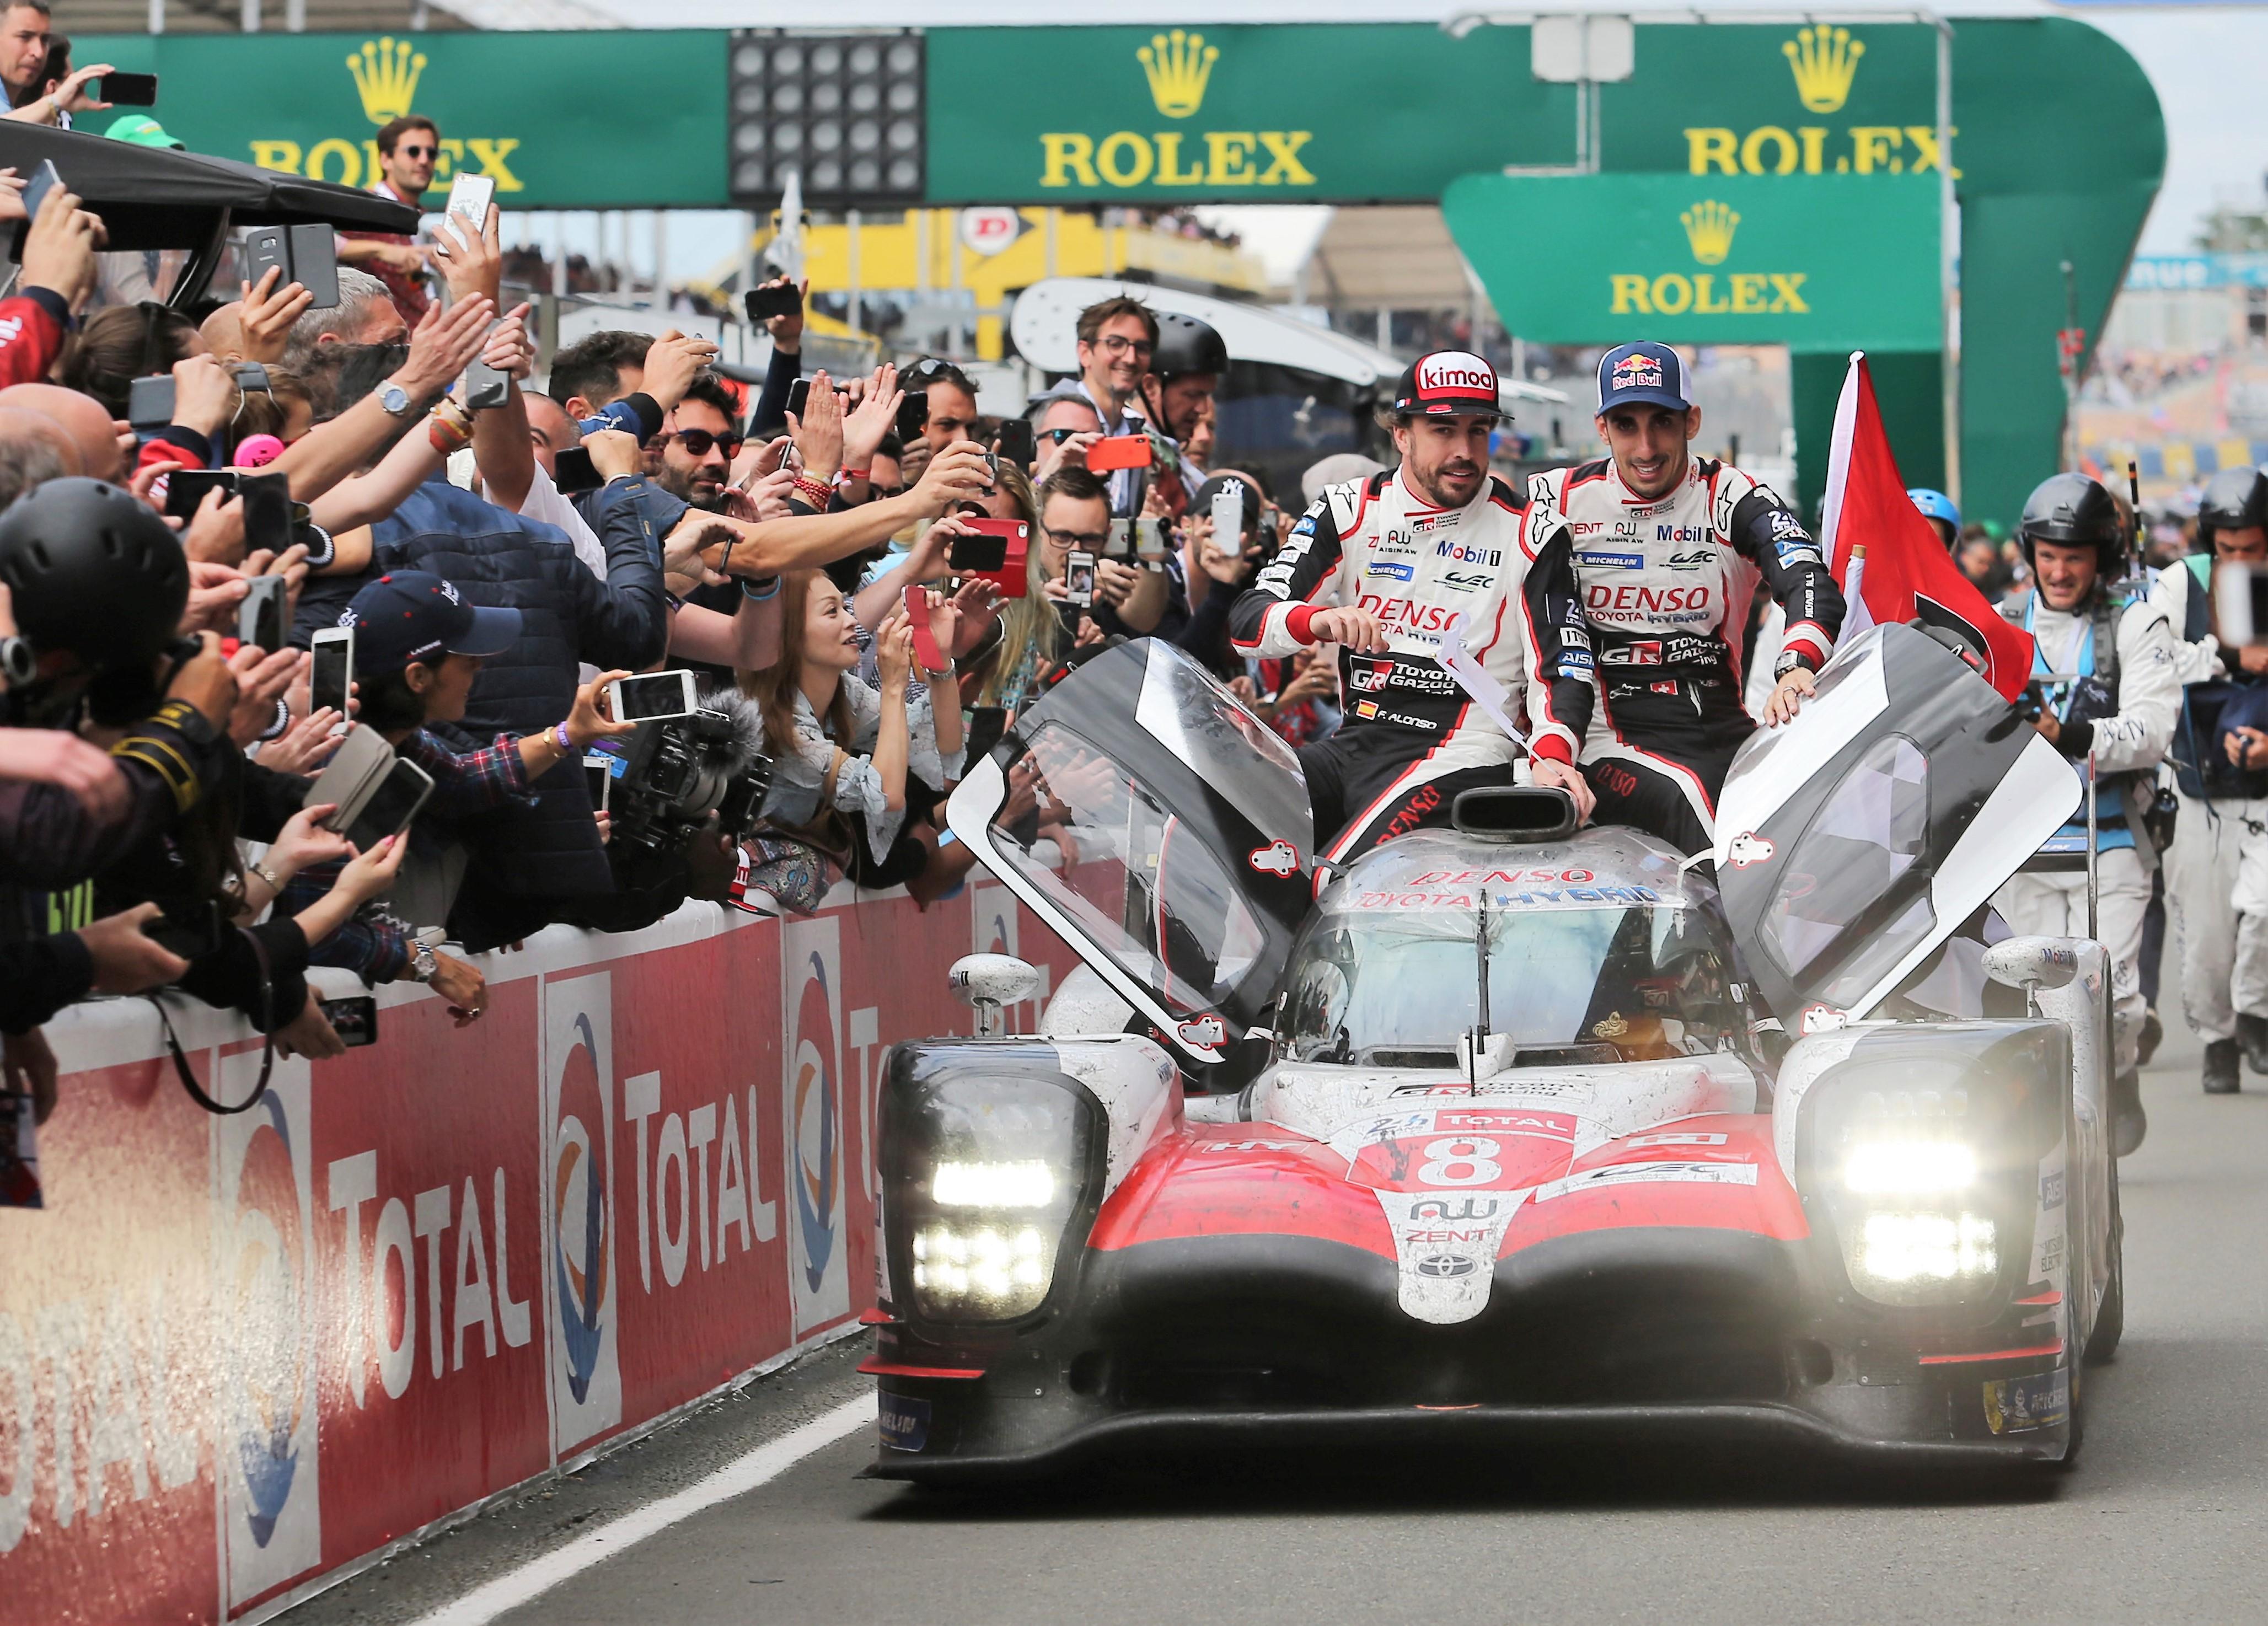 世界1位の快挙も話題にならず?? 日本でモータースポーツが盛り上がらない理由